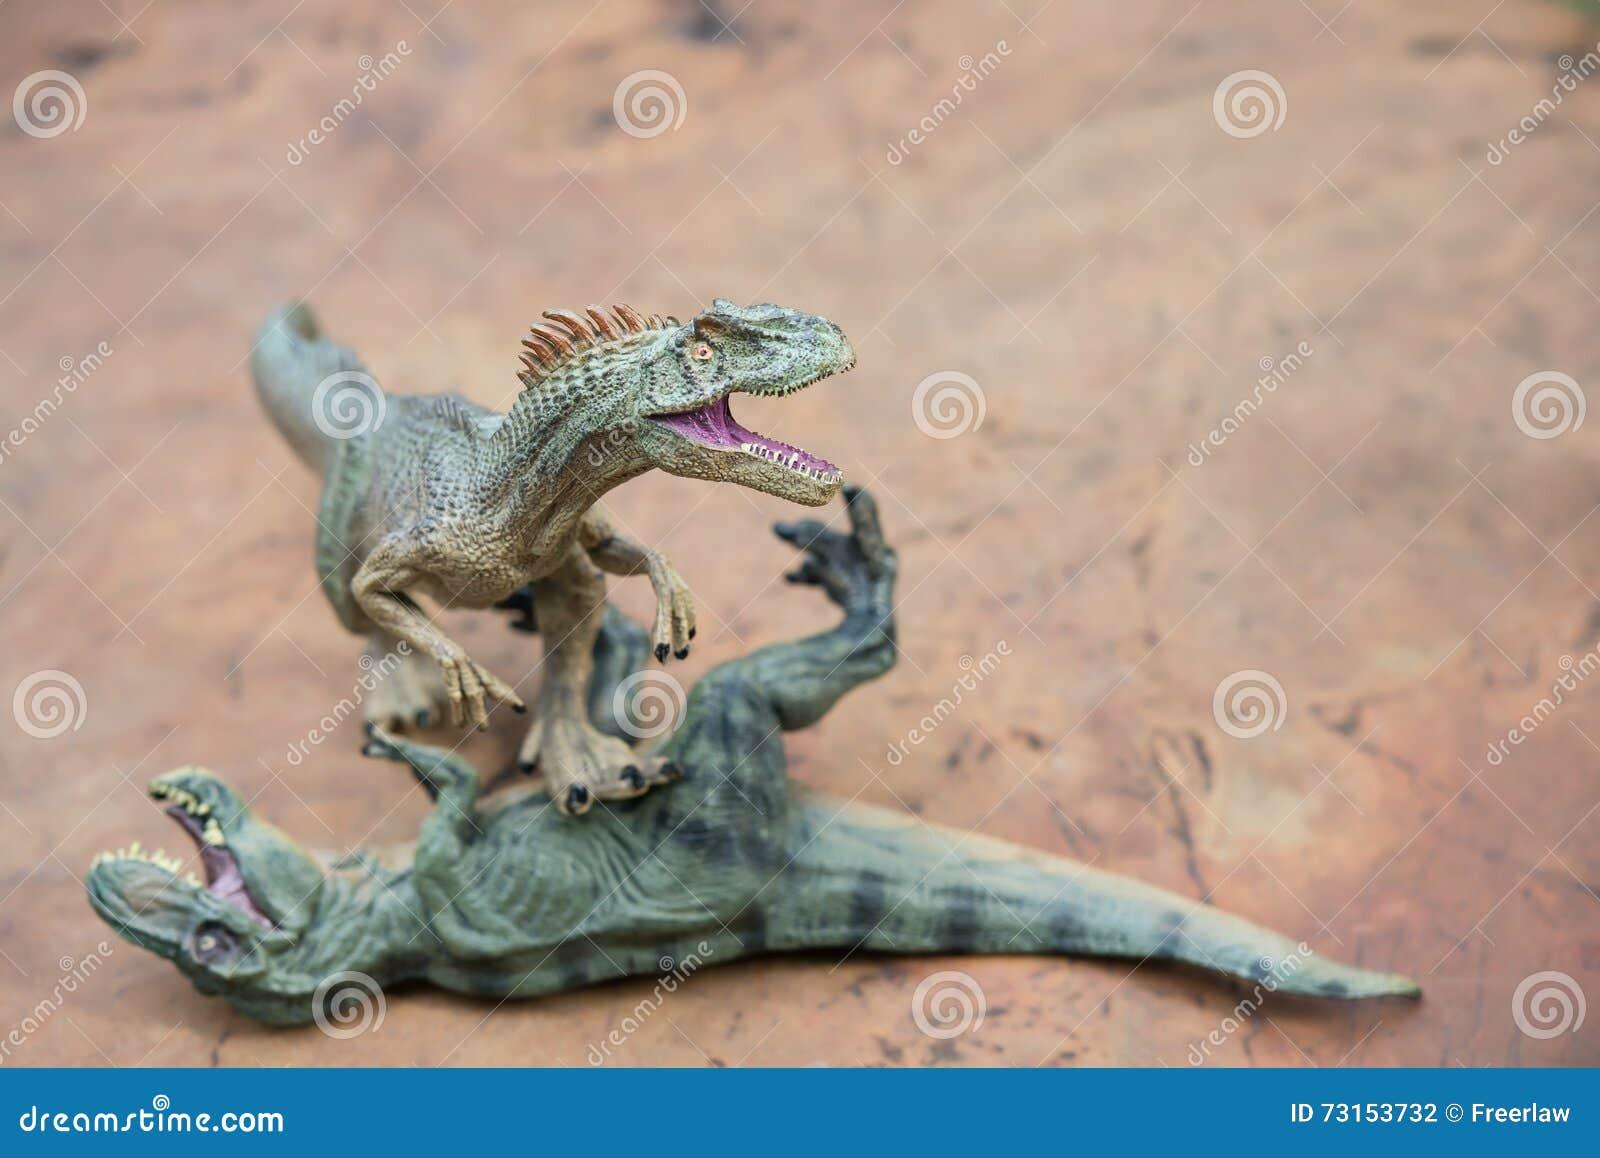 Supporti di allosauro e disposizioni di tirannosauro